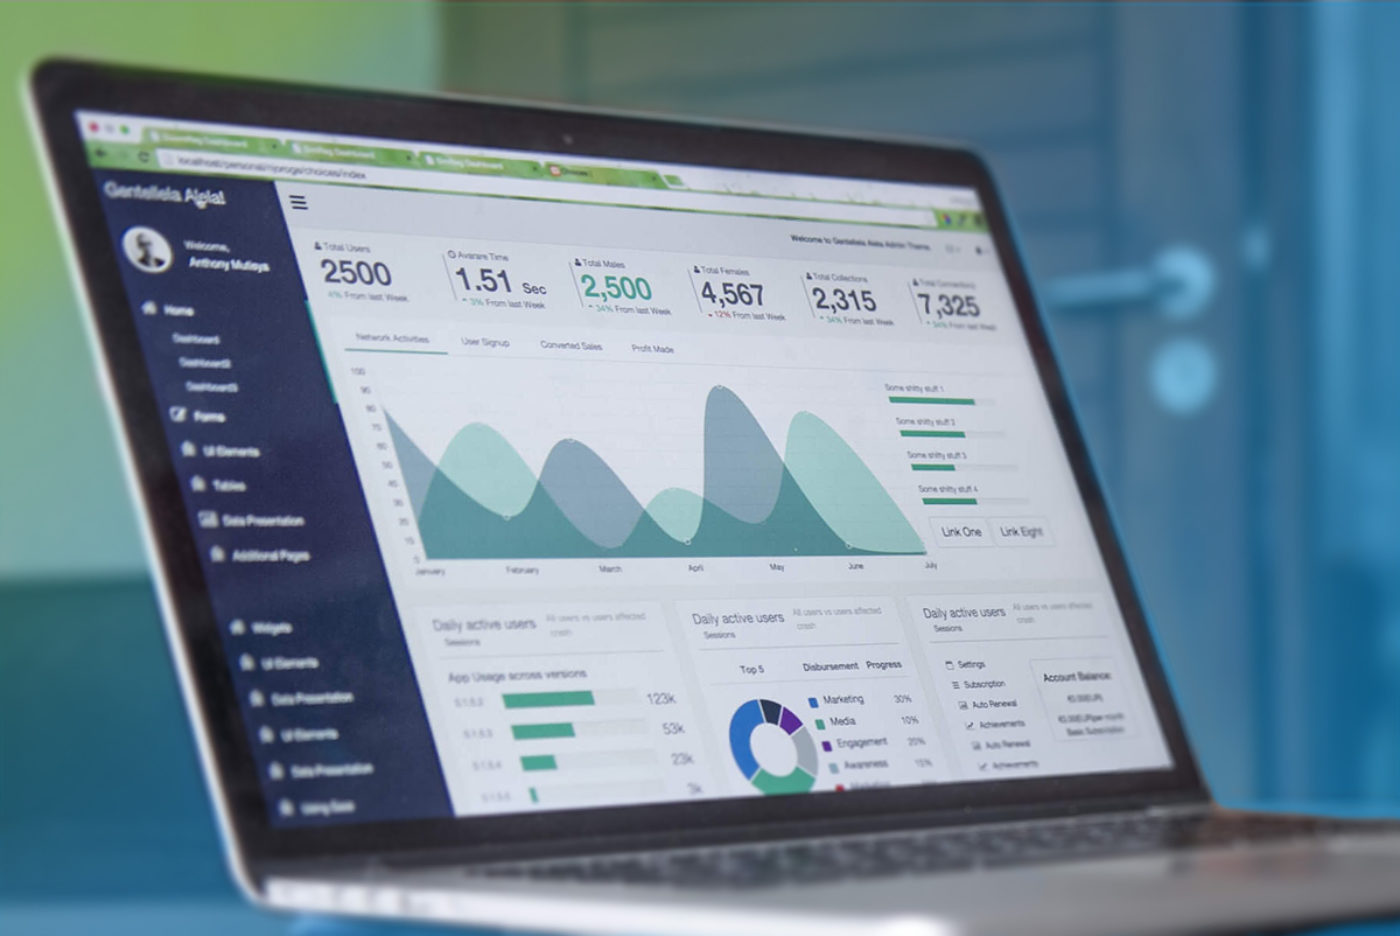 Мероприятия: Мастер-класс «SEO как ключевой инструмент Digital Performance Marketing» в Харькове